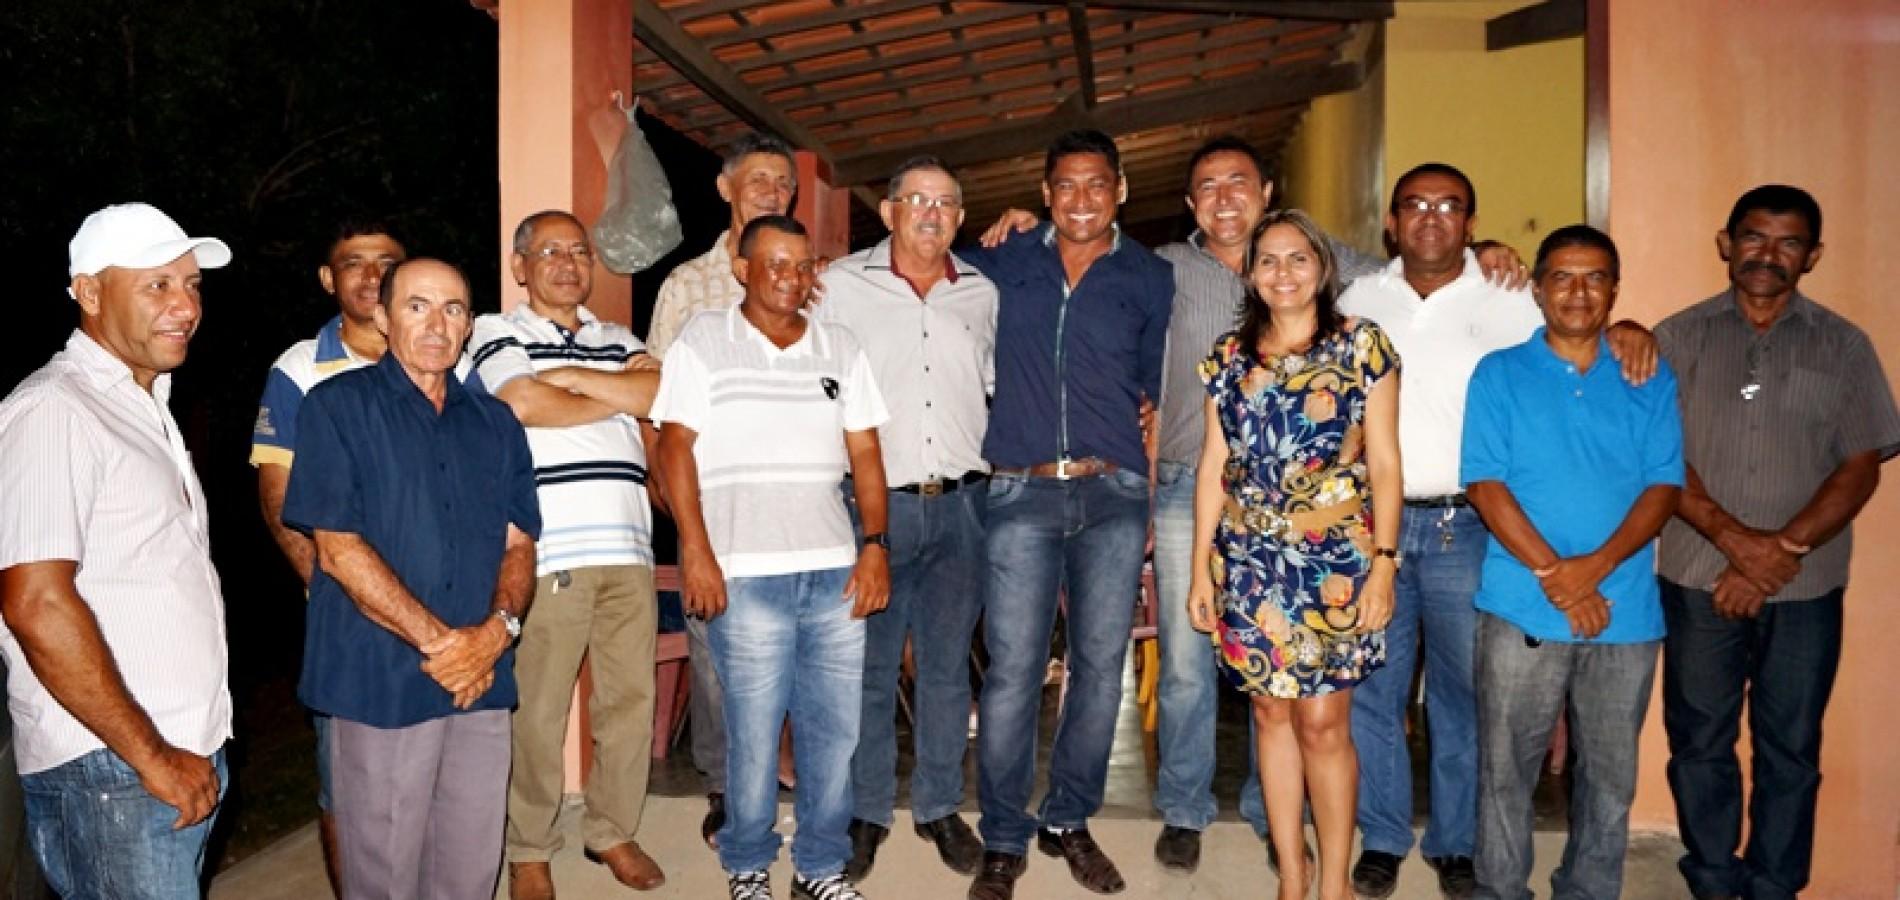 PATOS | Vereador deixa a oposição e se alia ao grudo do prefeito Agenilson. Veja!